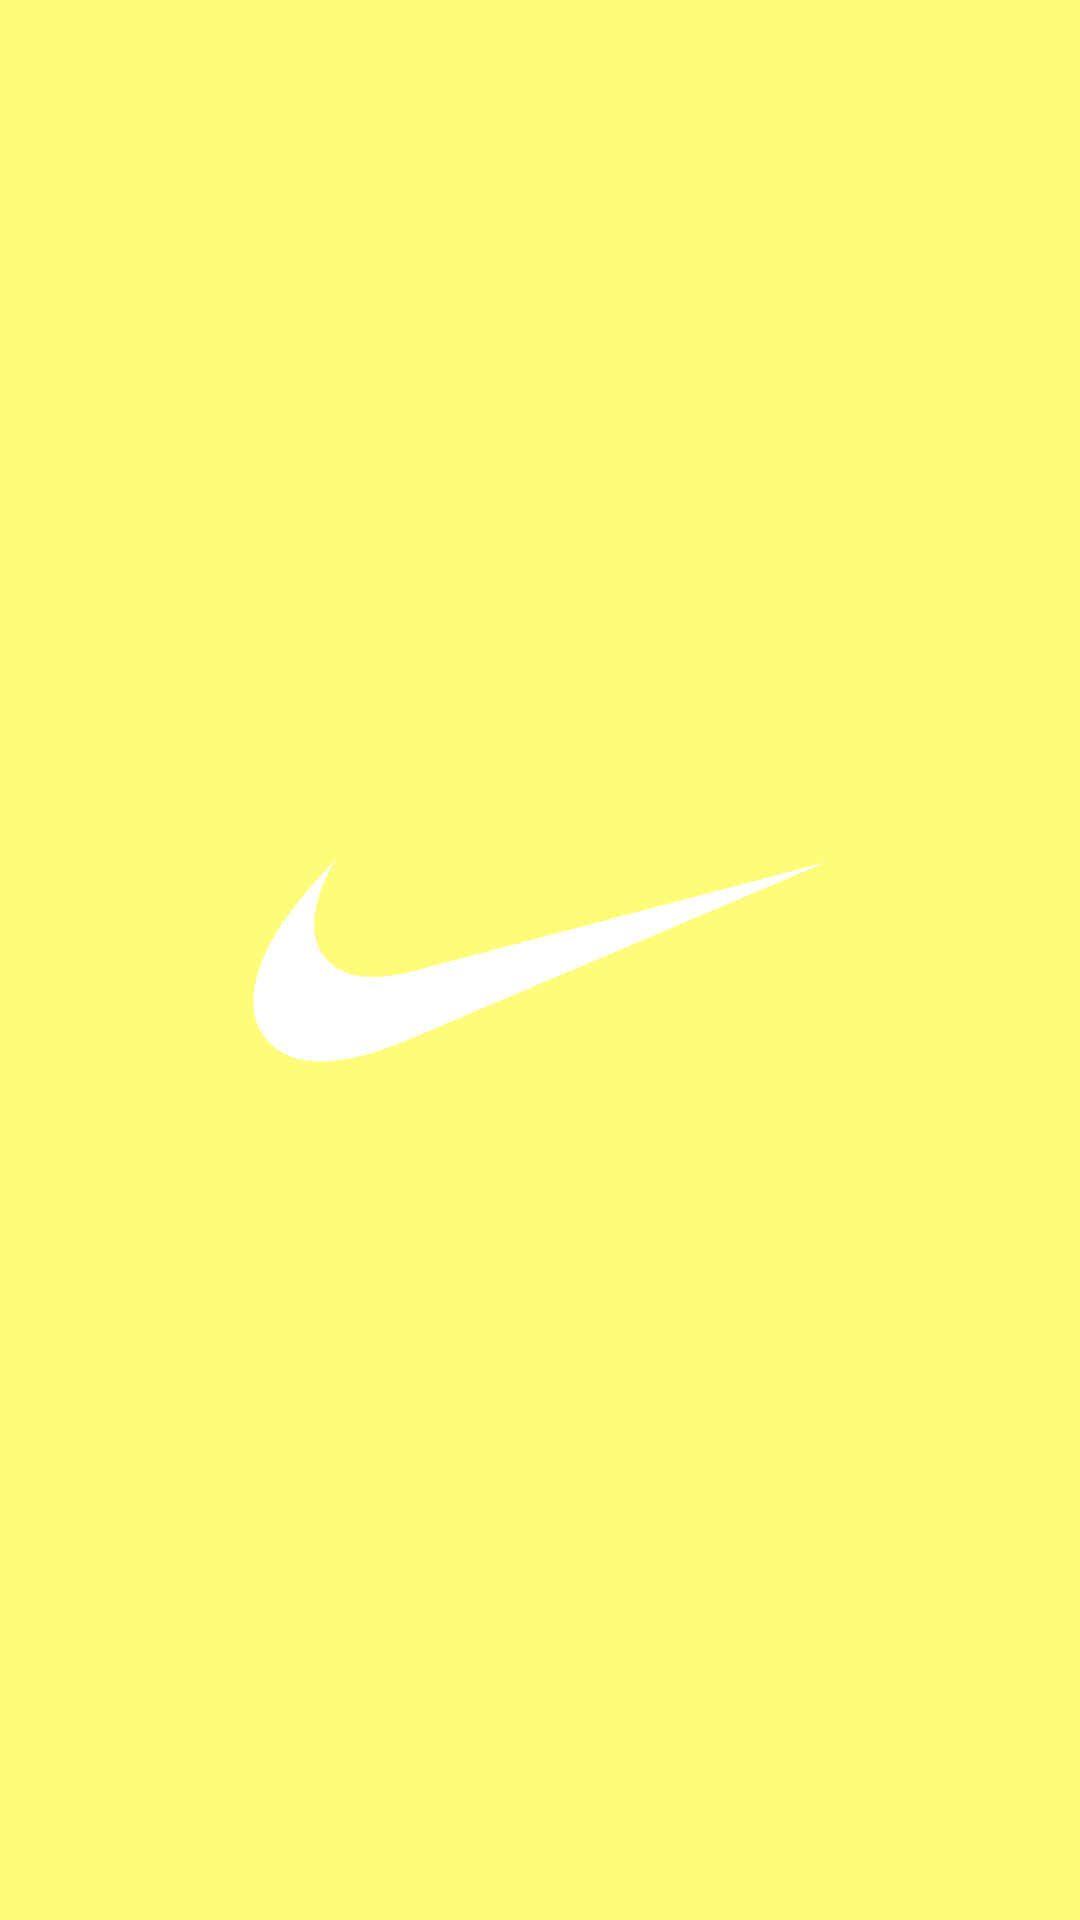 Nike Logo Iphone Wallpaper Ã'¹ãƒžãƒ› Å£ç´™ É»' Ã'¹ãƒžãƒ›å£ç´™ Å£ç´™